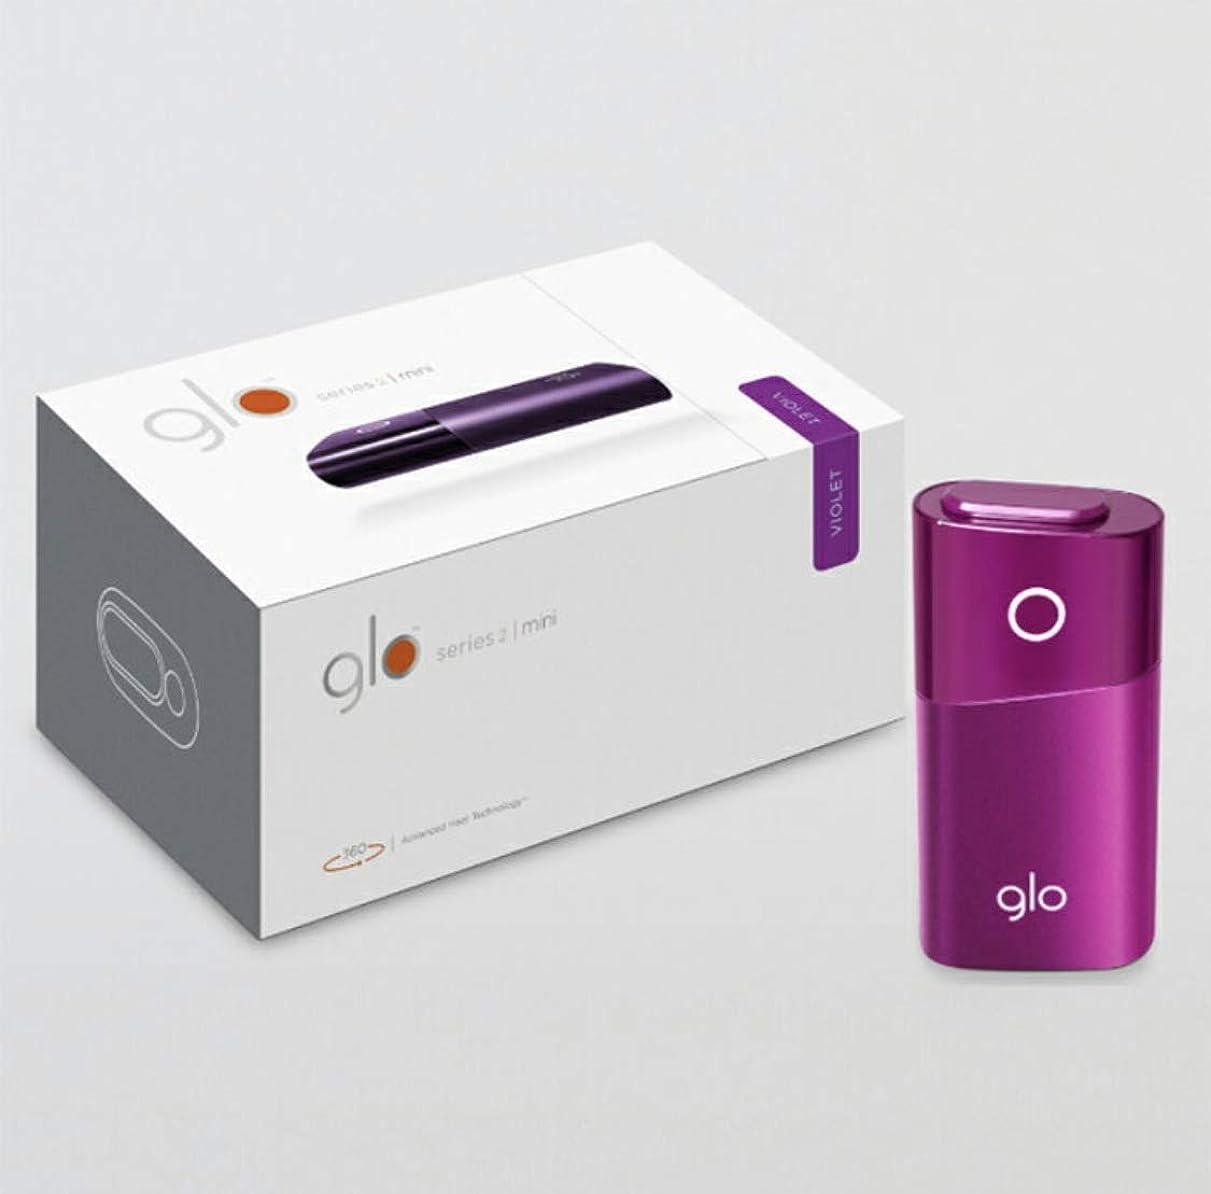 アミューズコミュニティレイプglo series2 mini バイオレット グロー 限定カラー 紫 グローミニ ぐろー ミニ 本体 シリーズ 限定商品